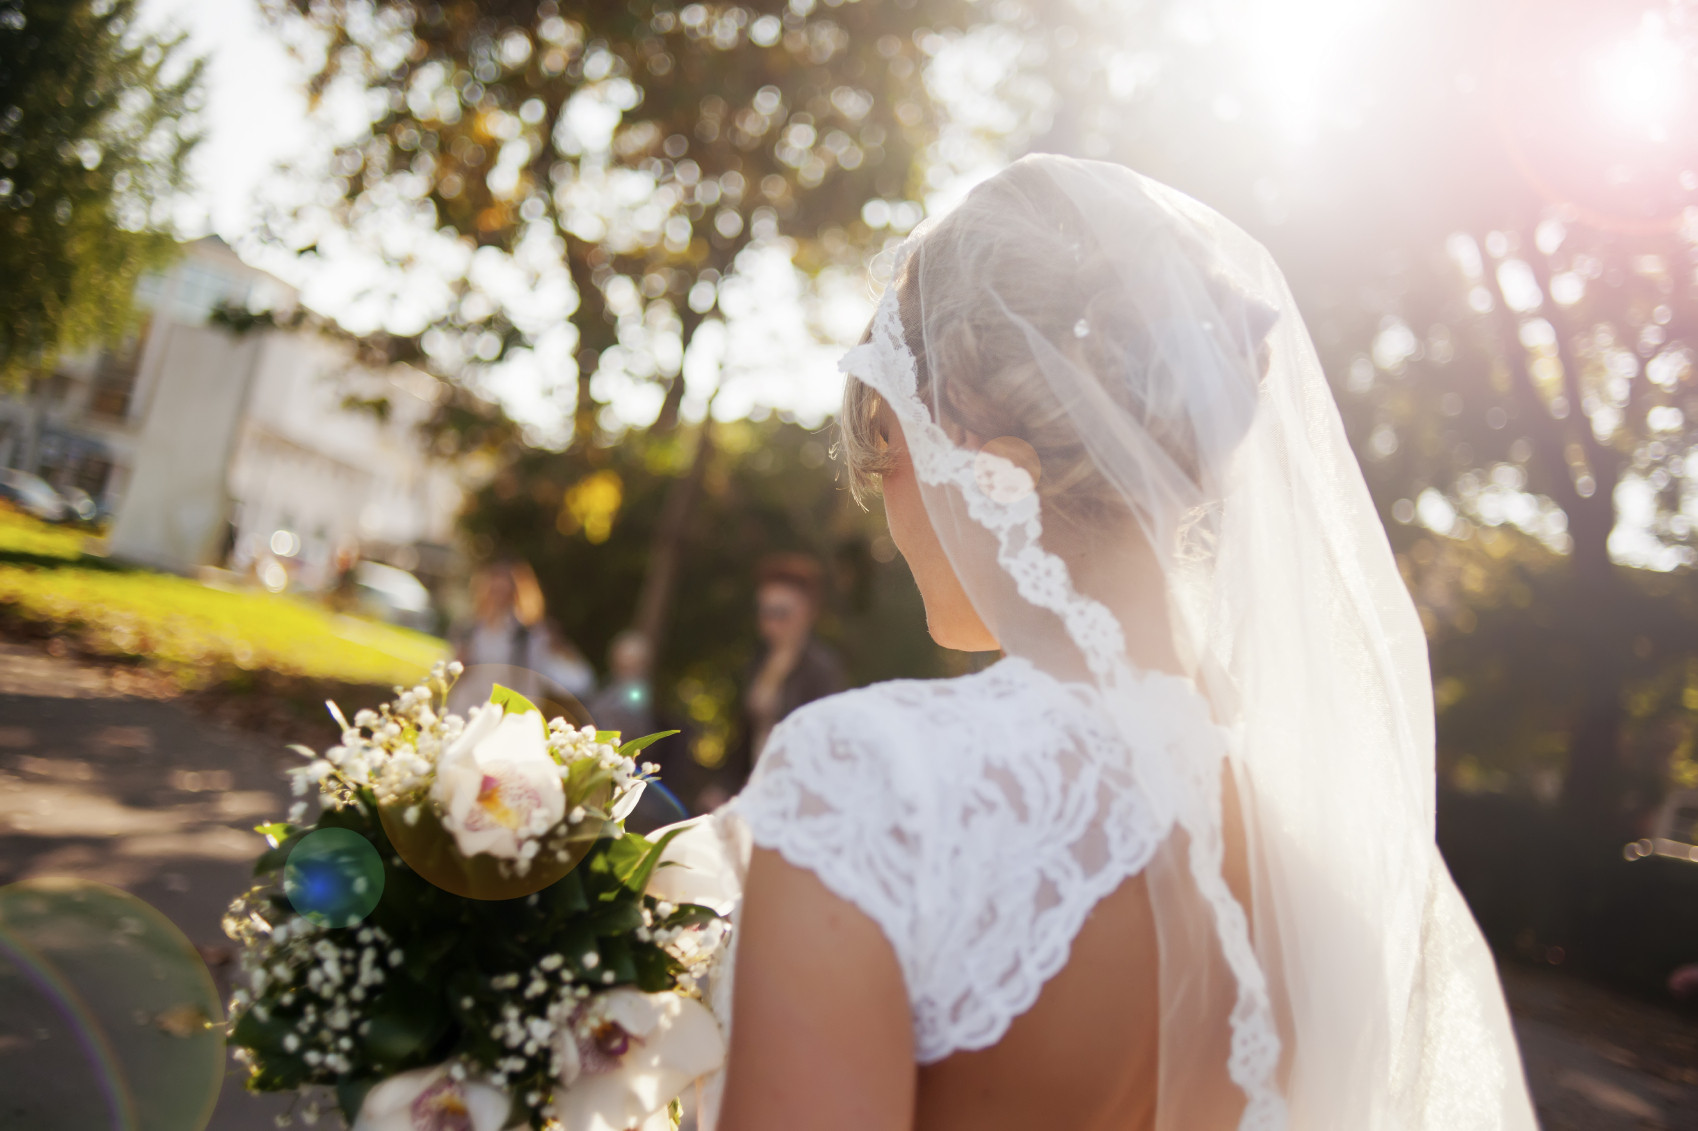 Ce înseamnă nunta în vis